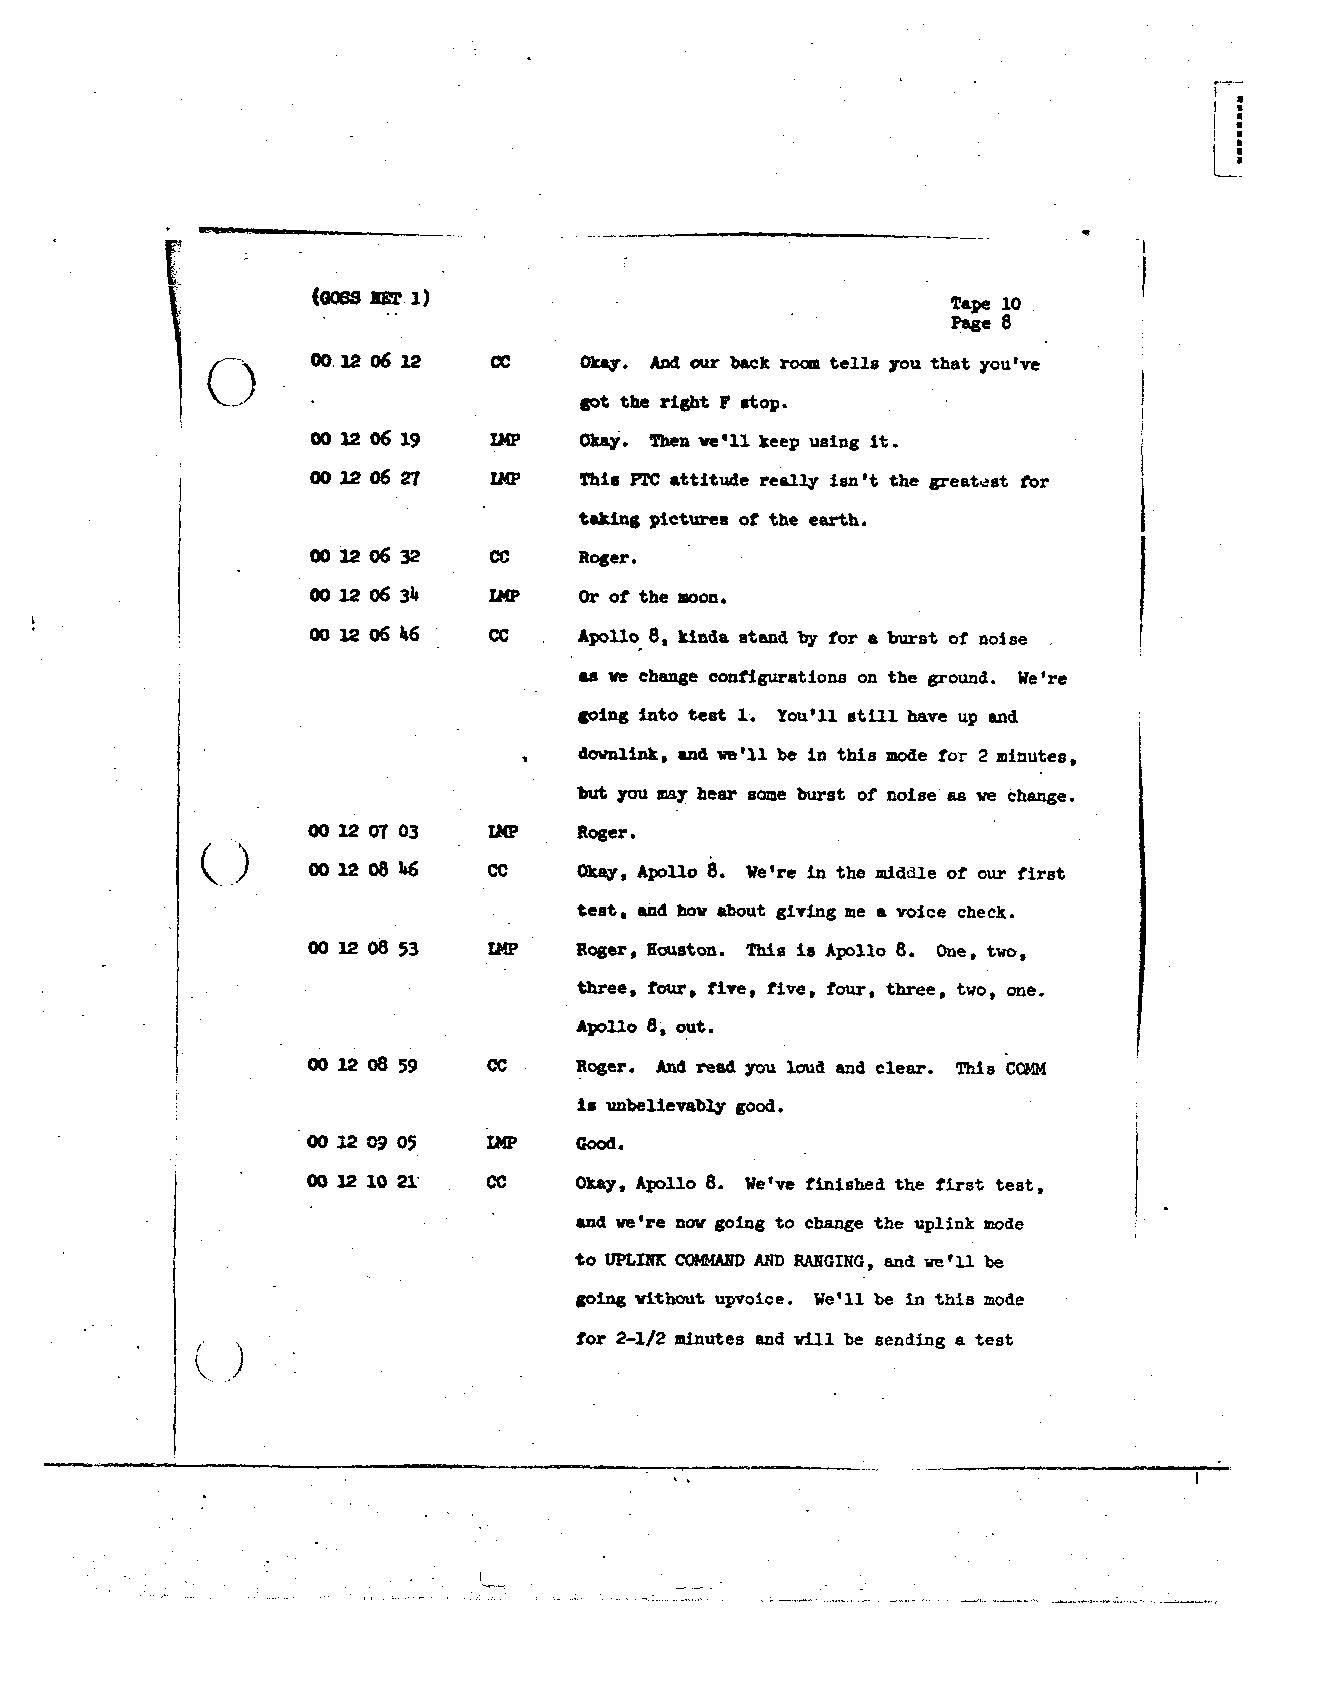 Page 99 of Apollo 8's original transcript